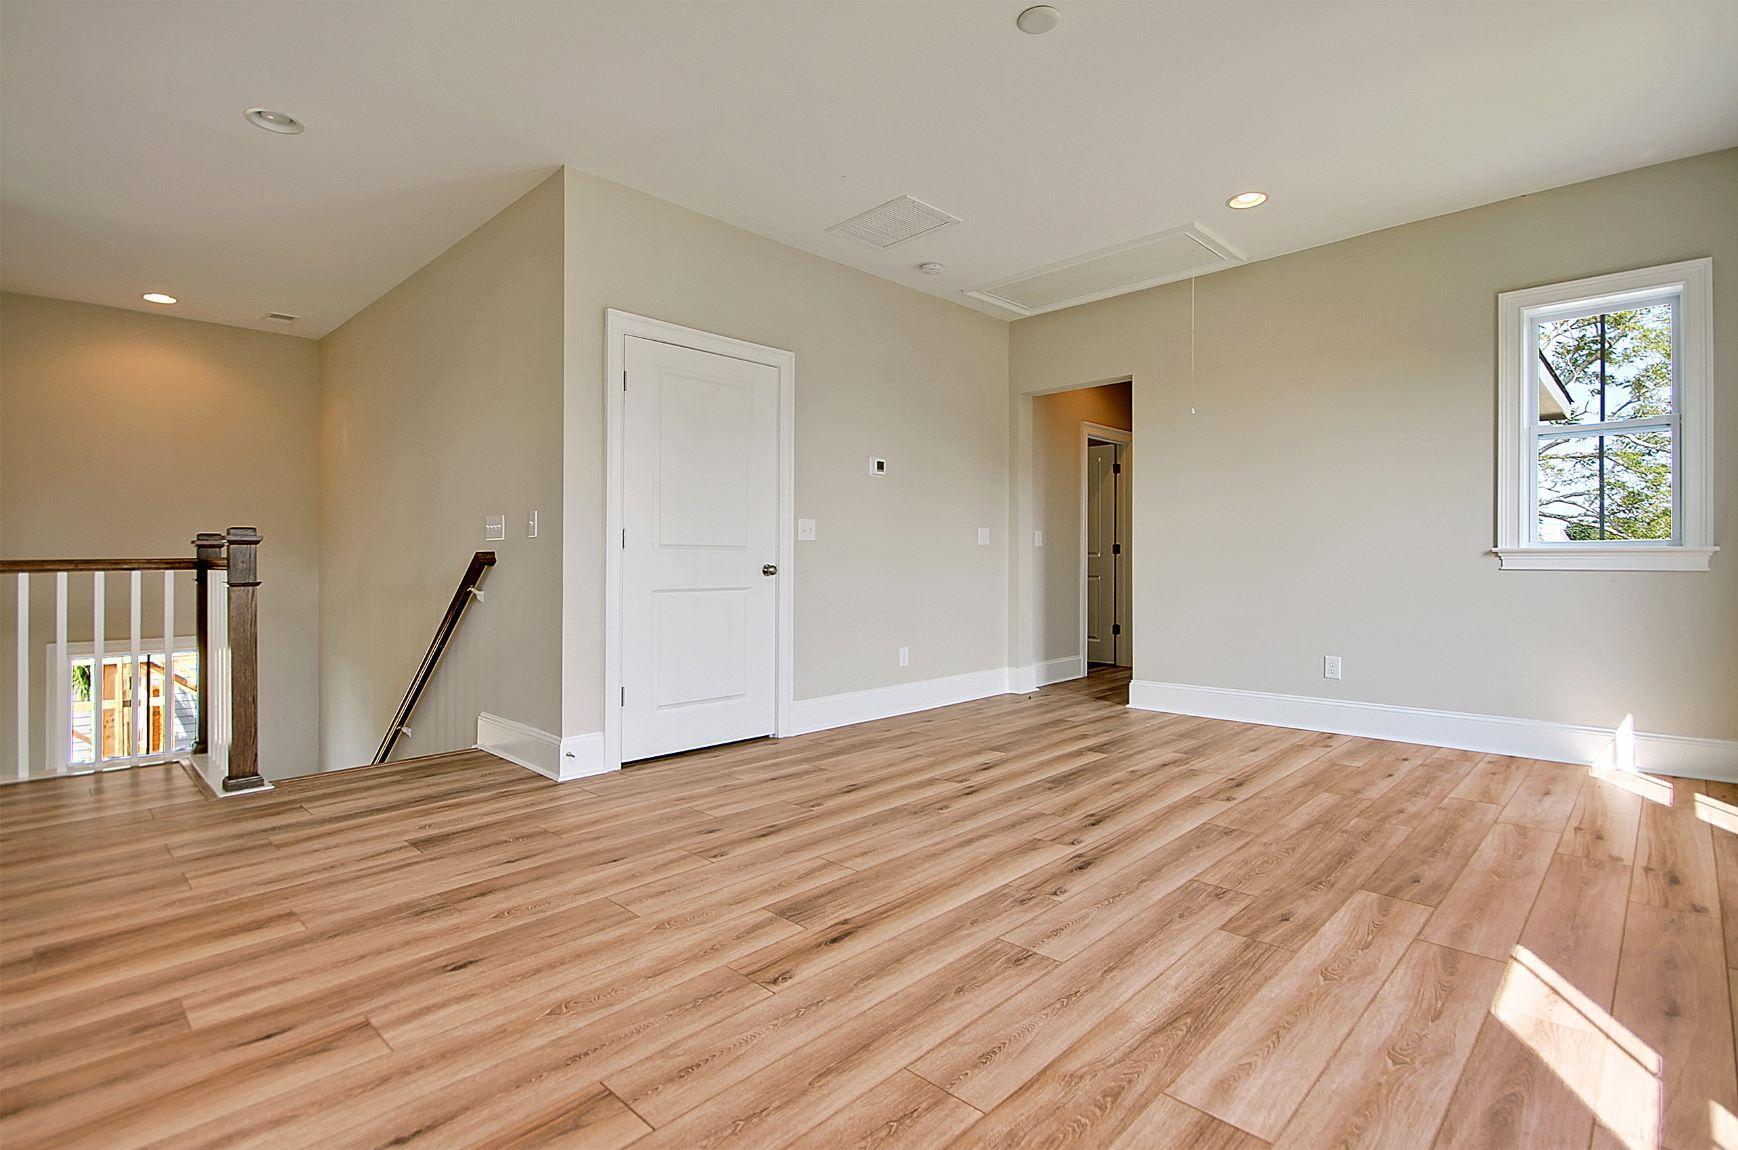 Kings Flats Homes For Sale - 121 Alder, Charleston, SC - 28